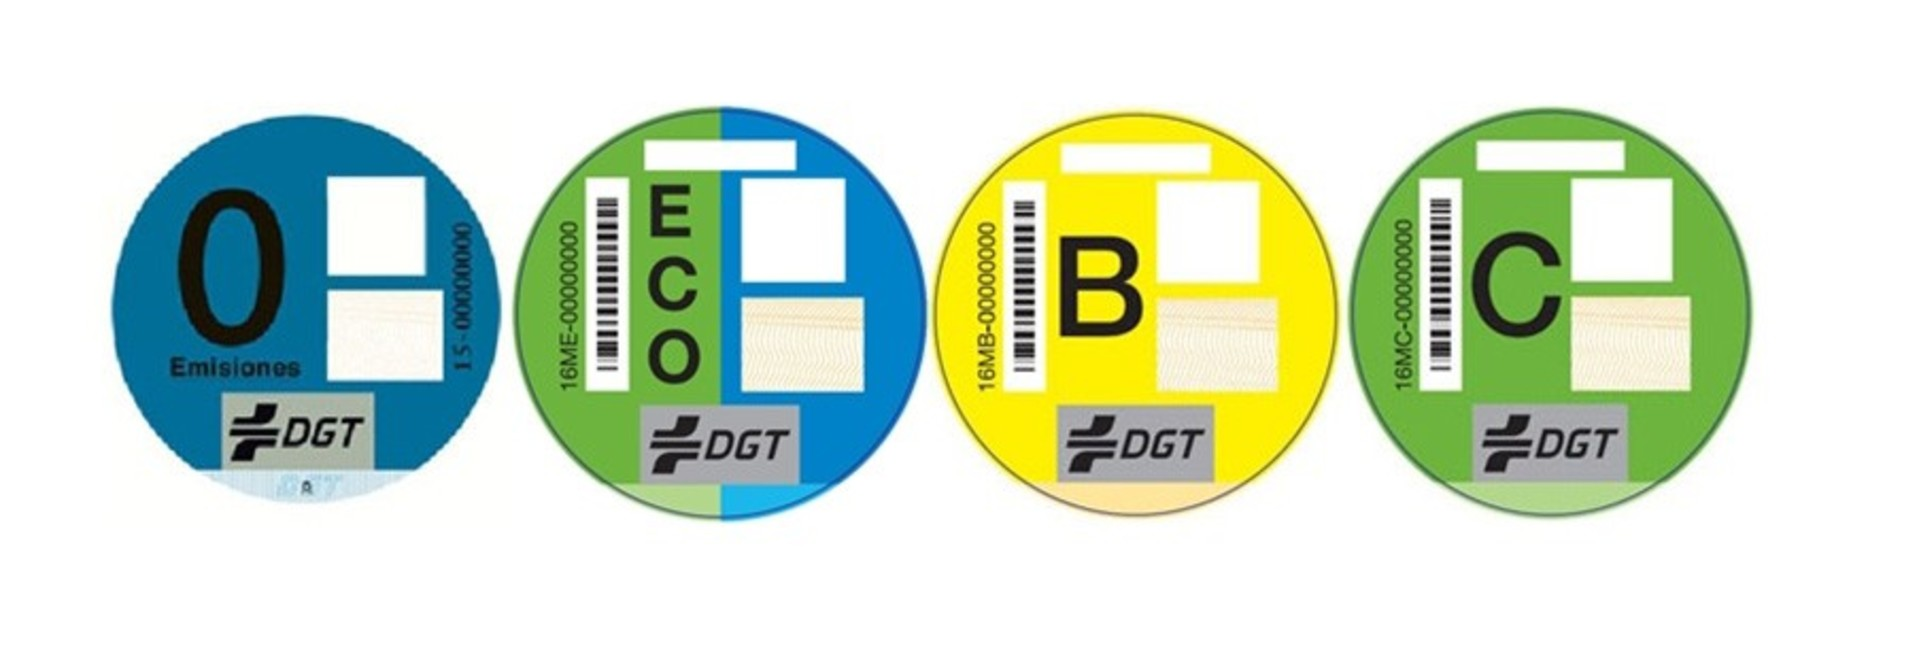 Etiquetado Emisiones Dgt 2016